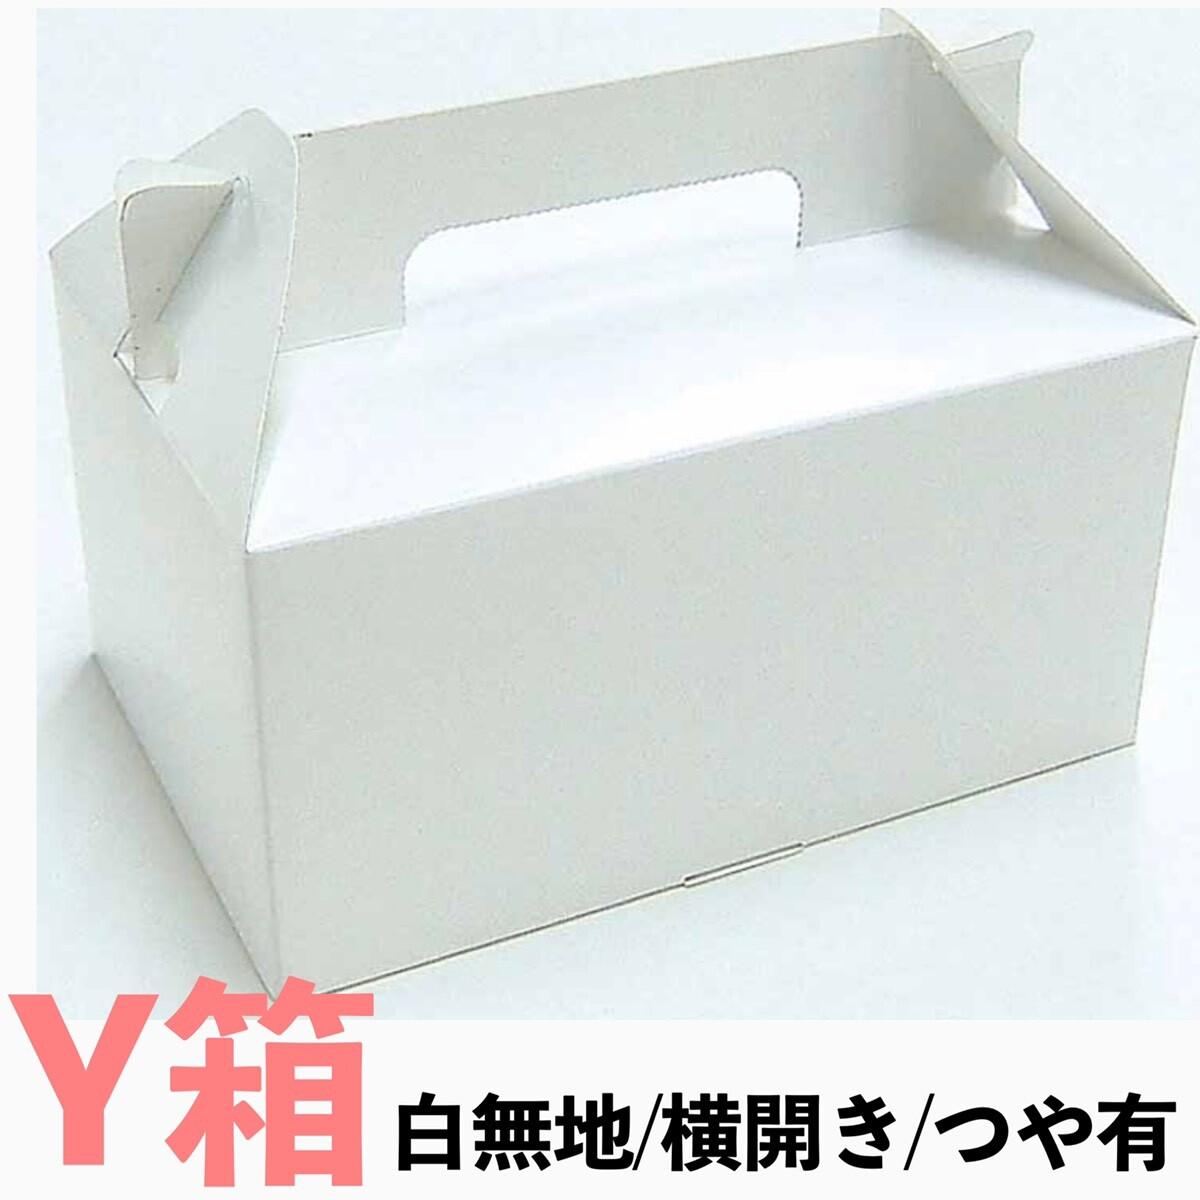 画像1: C-02-Y(白無地プレスコート横入れ)/2Y/4Y/6Y/8Y/10Y (1)